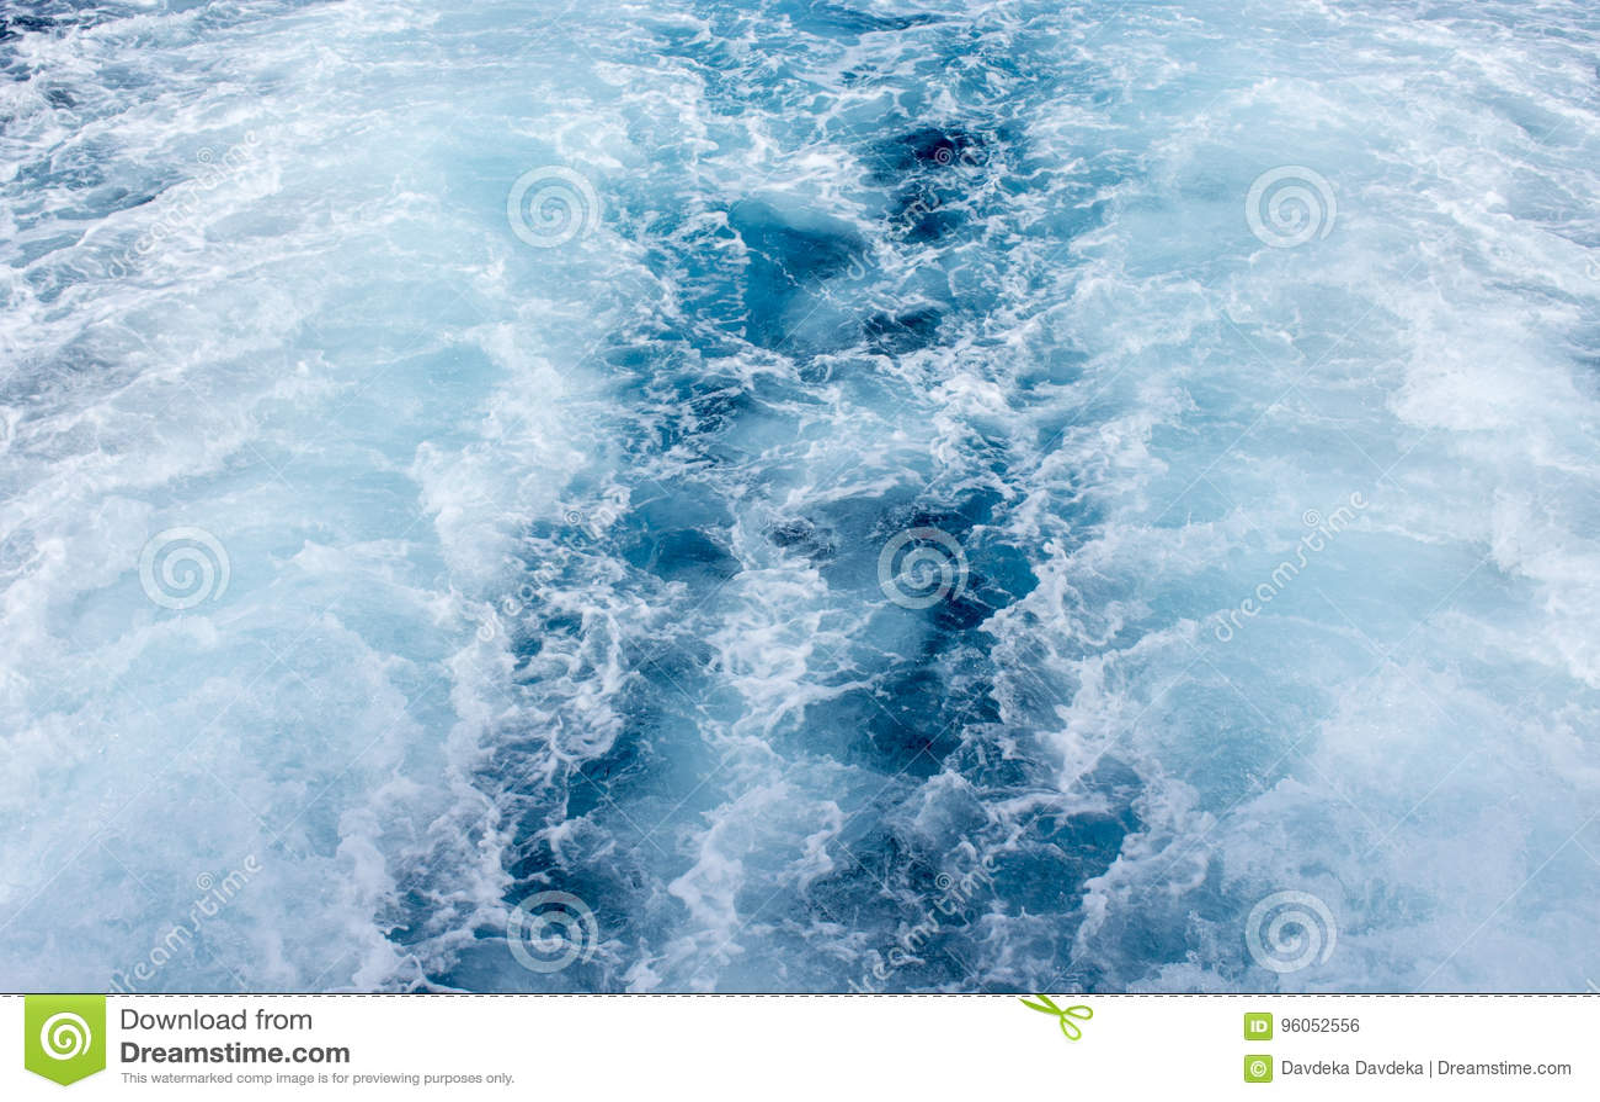 Traînée de bateau d eau de mer avec la vague mousseuse blanche Voyage tropical de ferry d îles